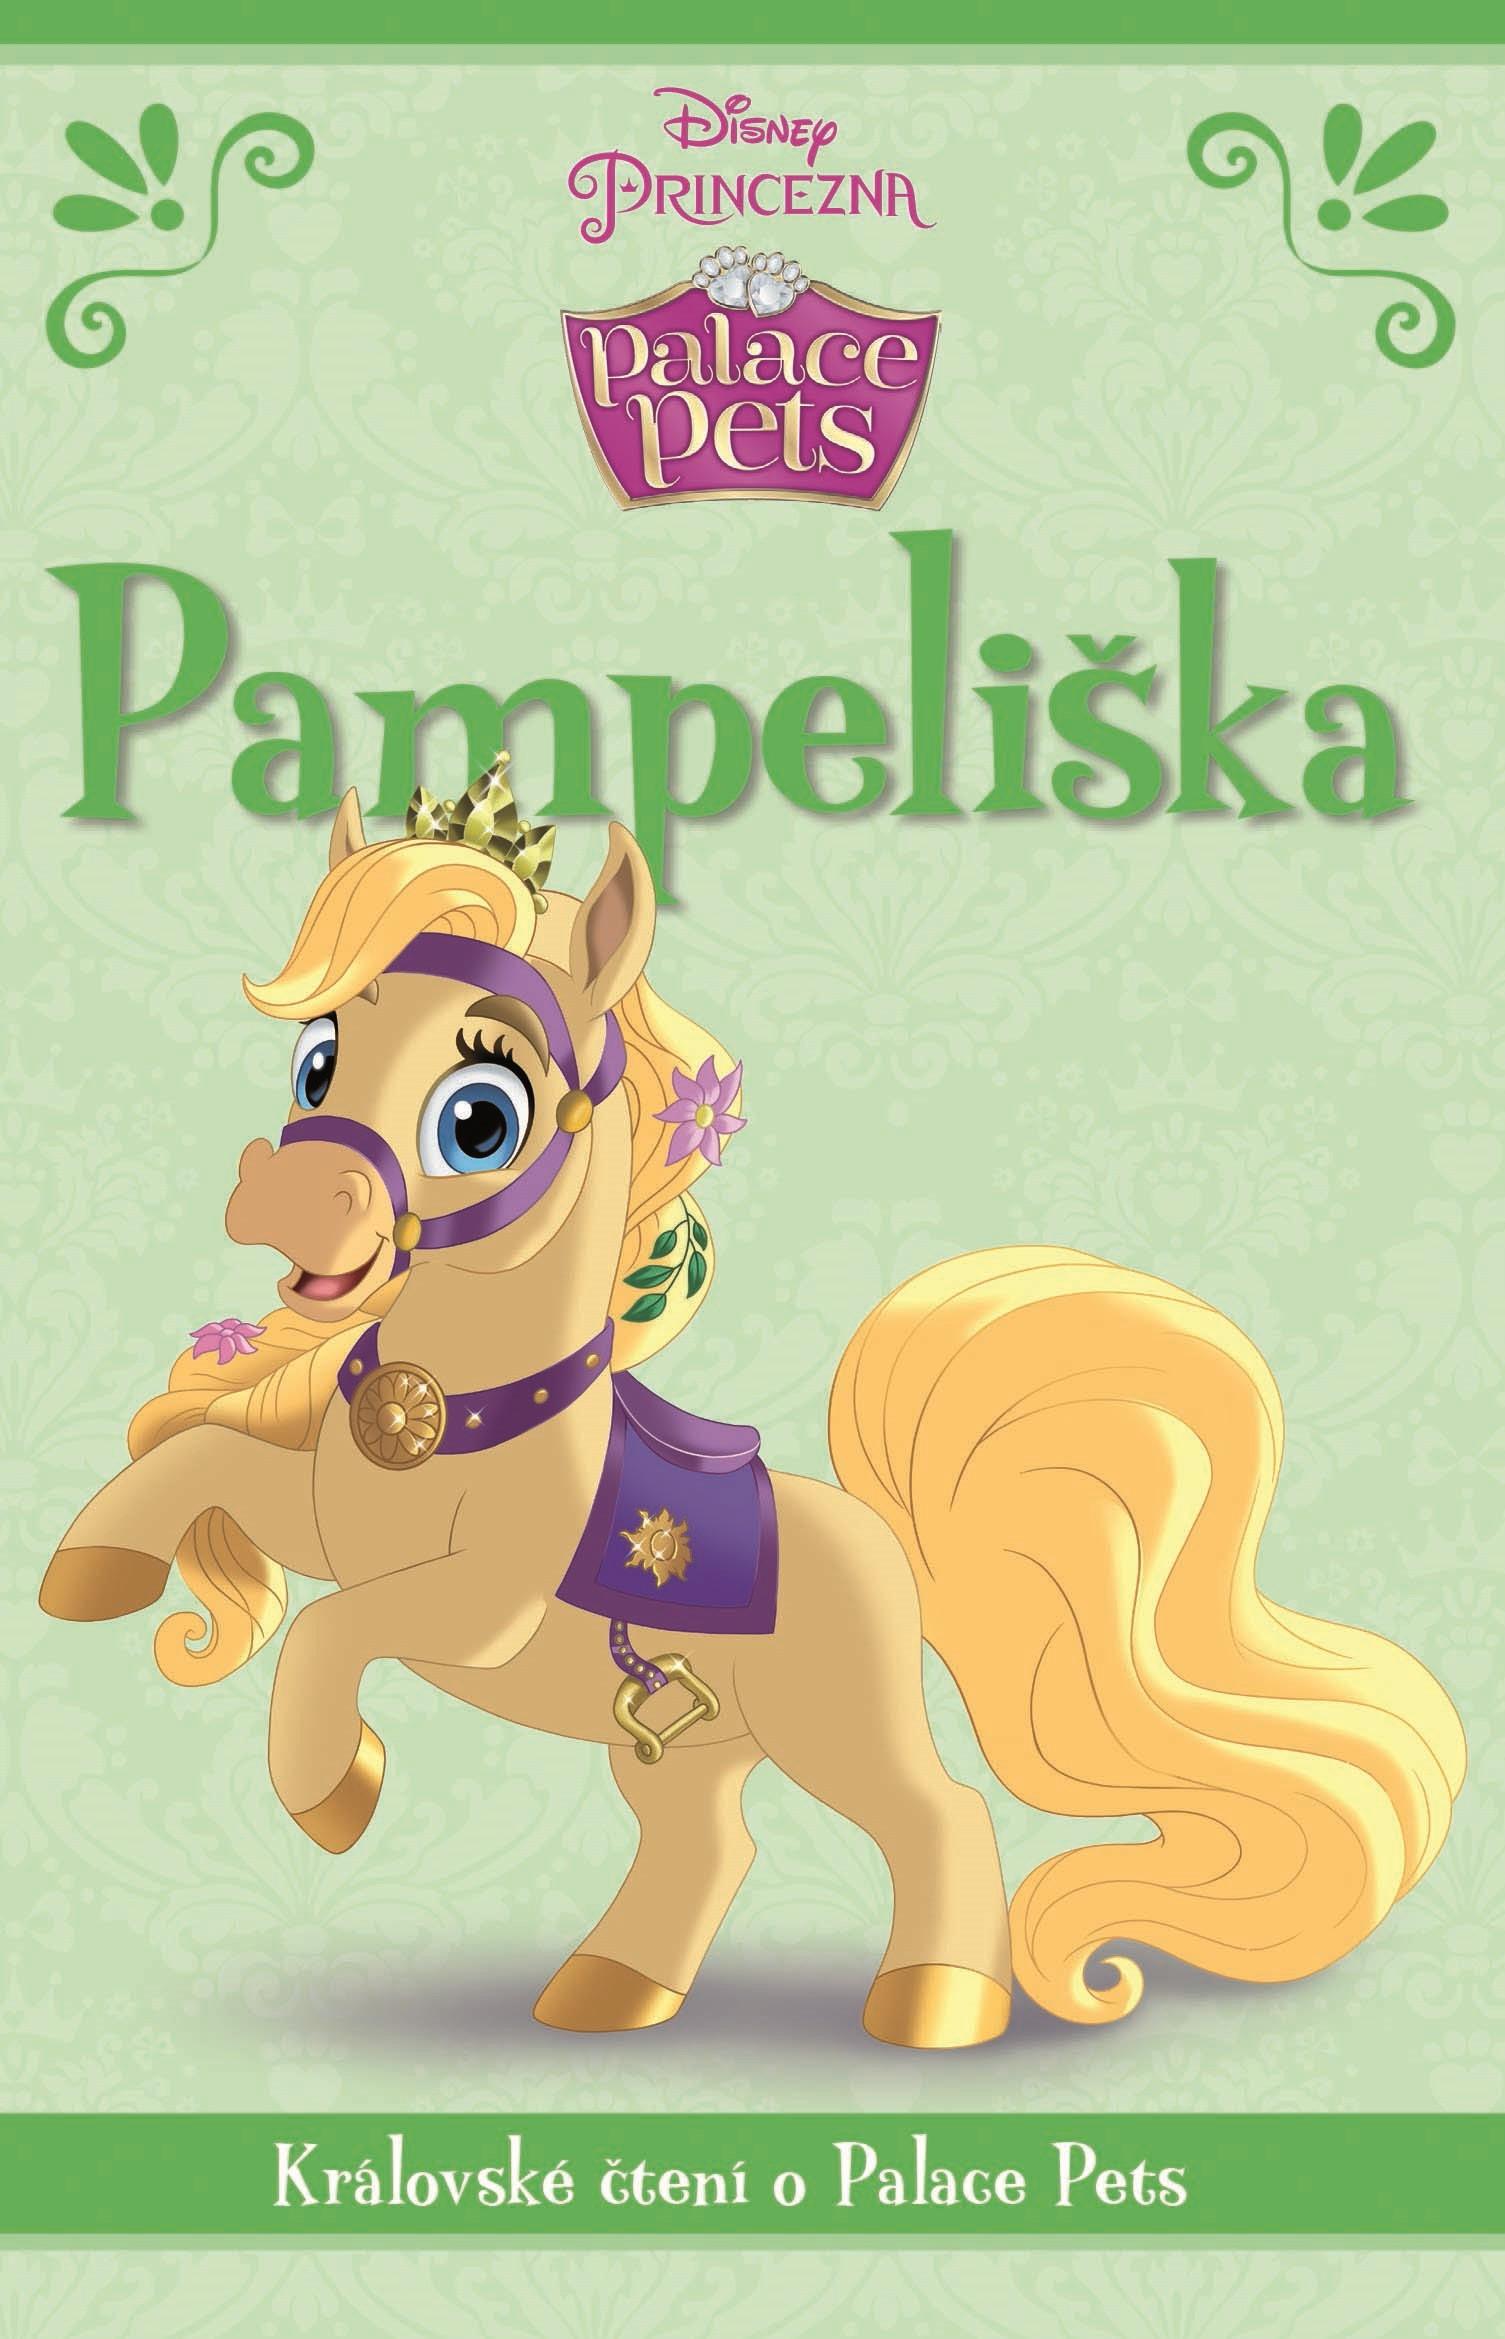 Princezna/Palace Pets - Pampeliška - Královské čtení o Palace Pets   Walt Disney, Walt Disney